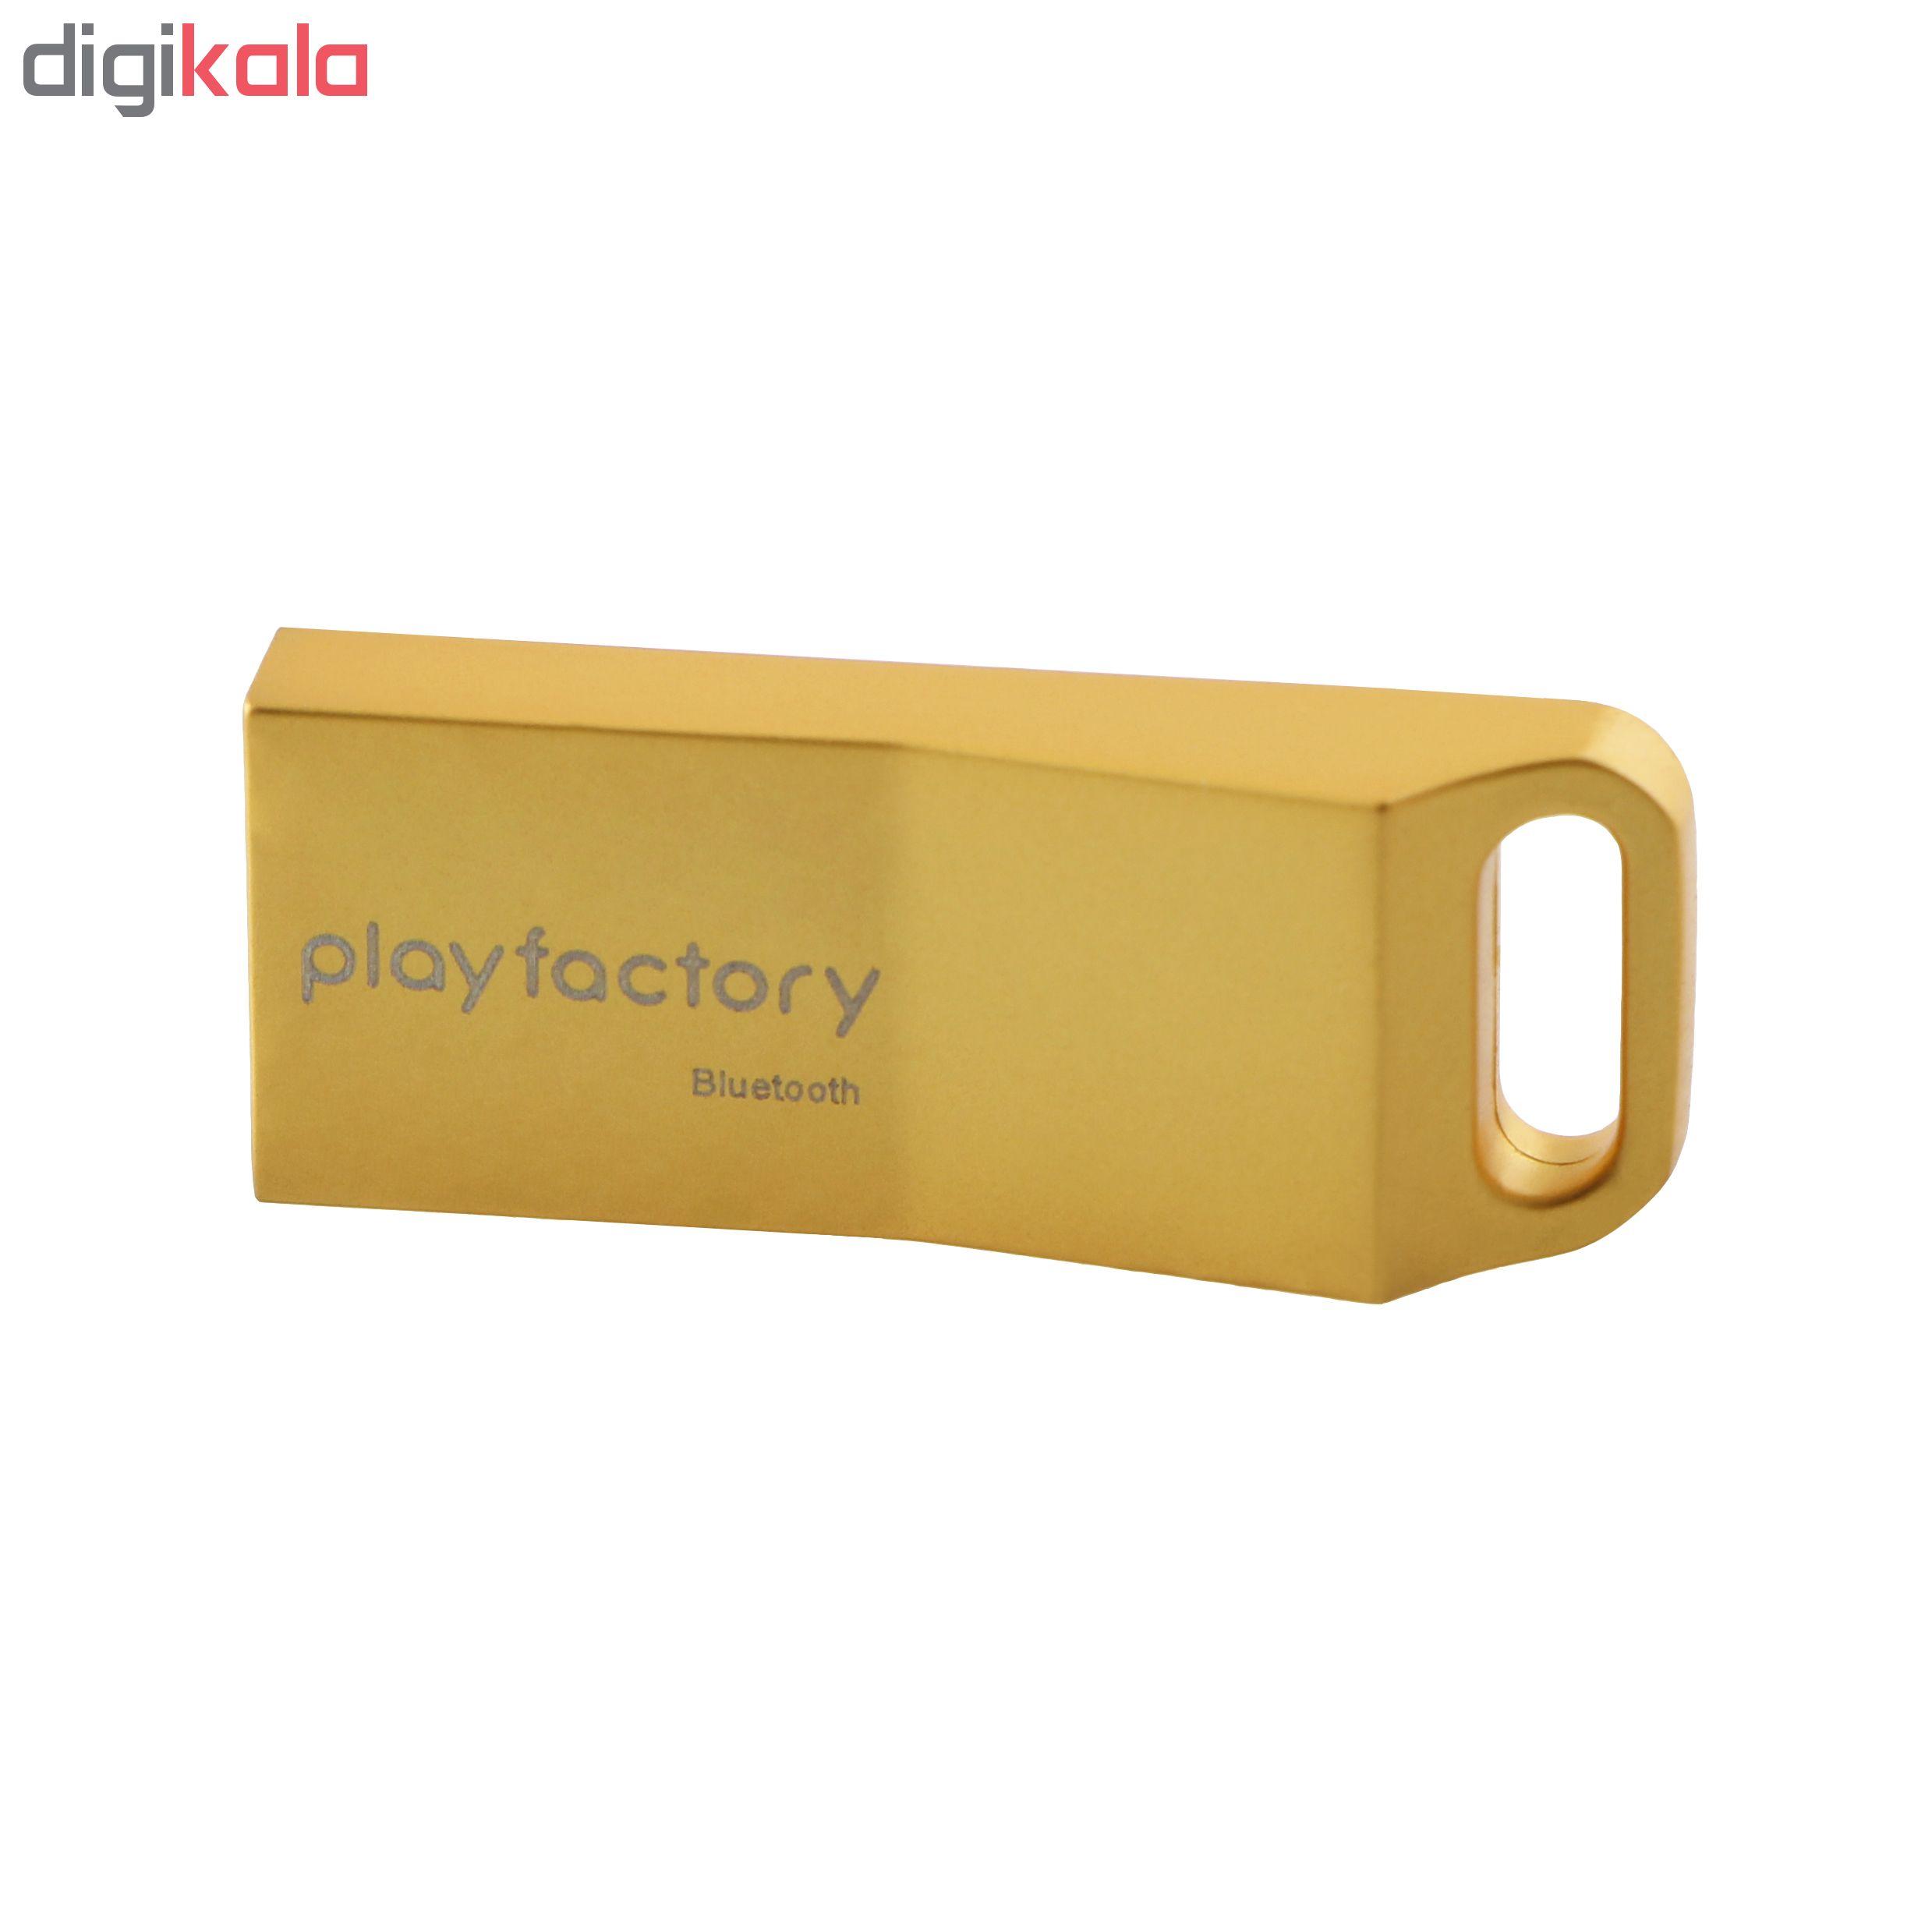 دانگل بلوتوث پلی فکتوری مدل plf-01 main 1 6